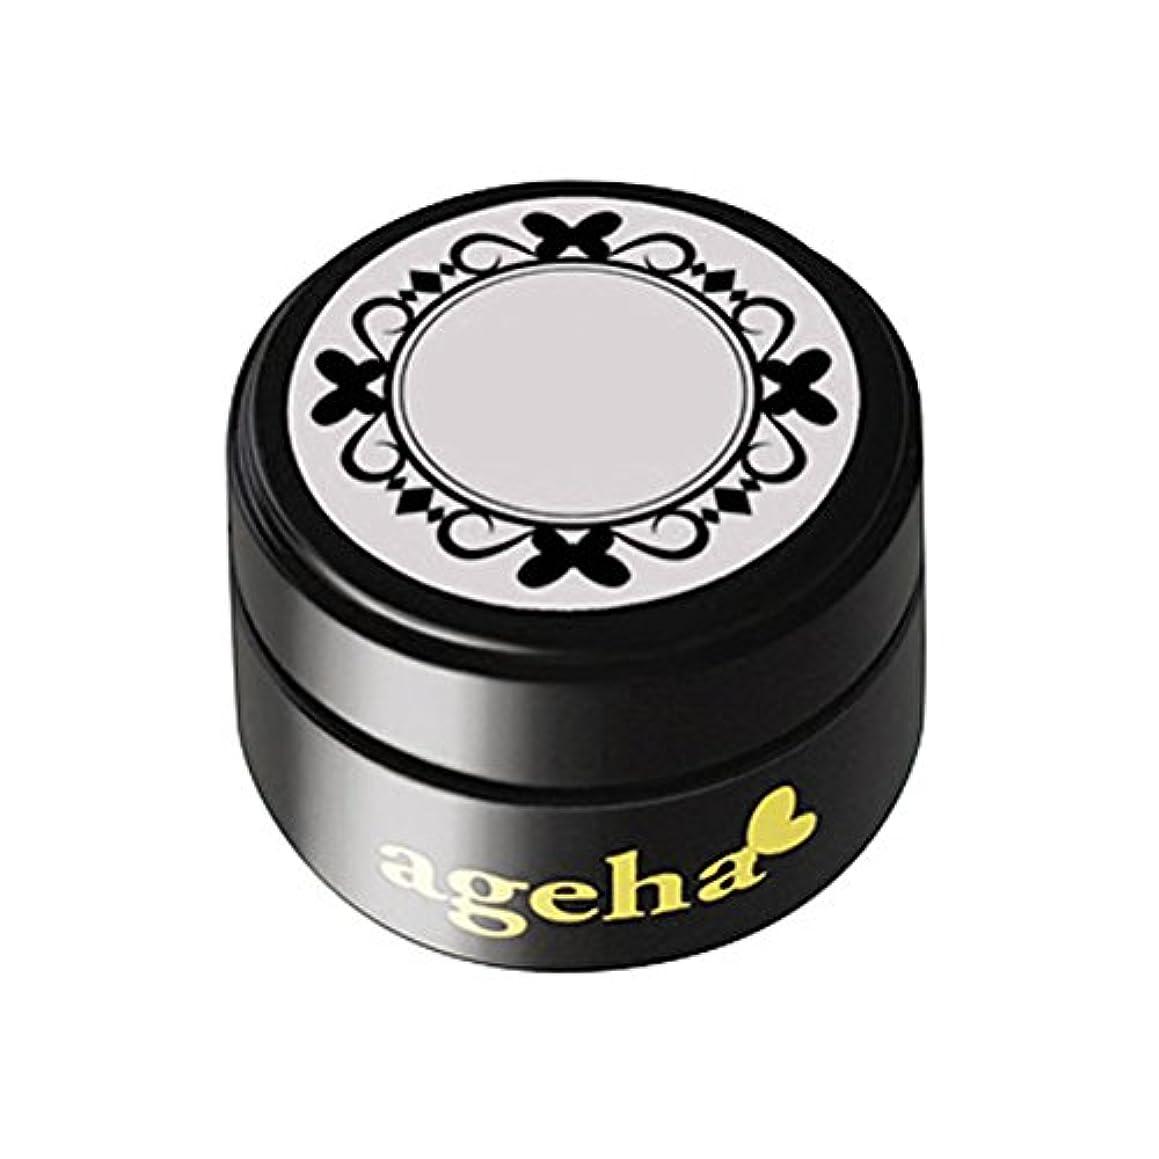 イブニング同盟口頭ageha gel カラージェル コスメカラー 216 ノスタルジー 2.7g UV/LED対応